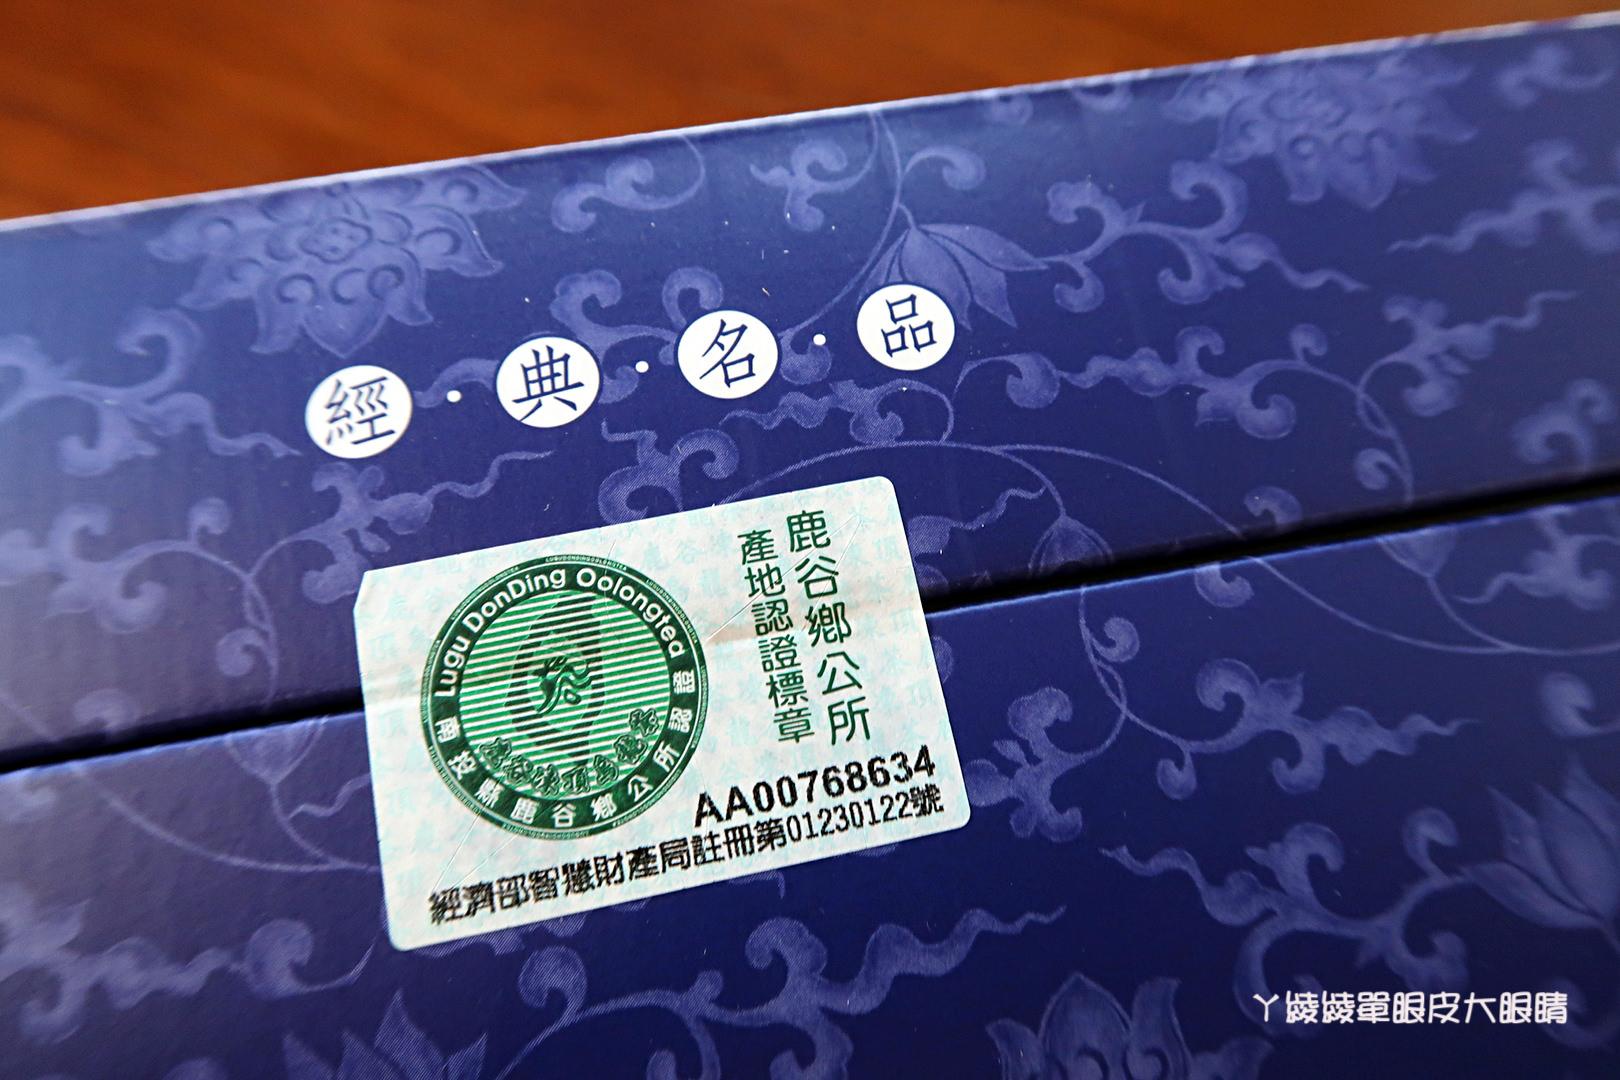 網友大力推薦的台灣茶葉伴手禮盒,來自南投鹿谷茶葉世家的芯茶濃